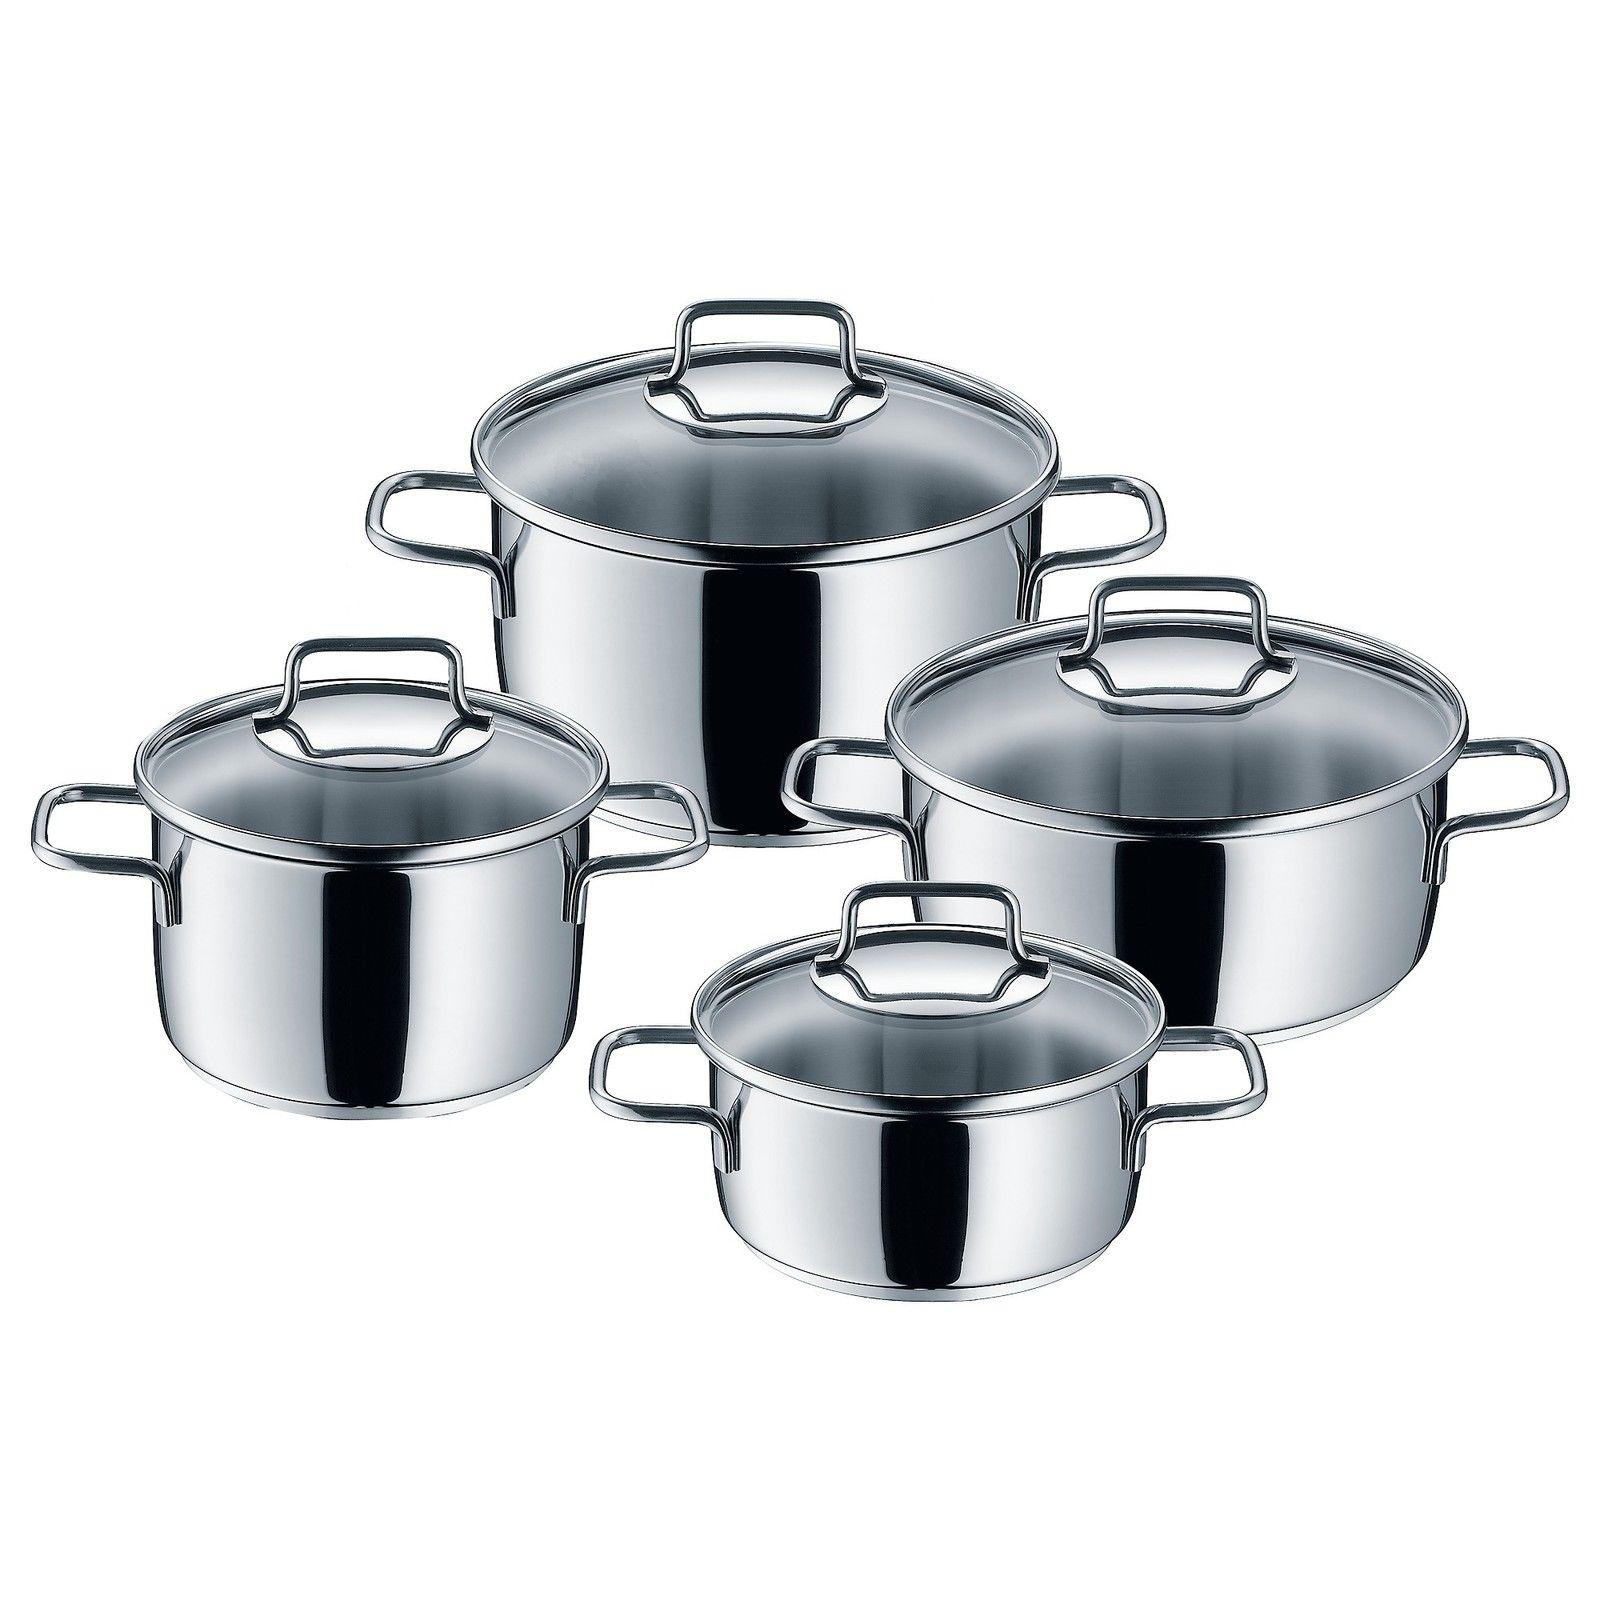 Batterie de cuisine 4 pièces Astoria Cromargan induction